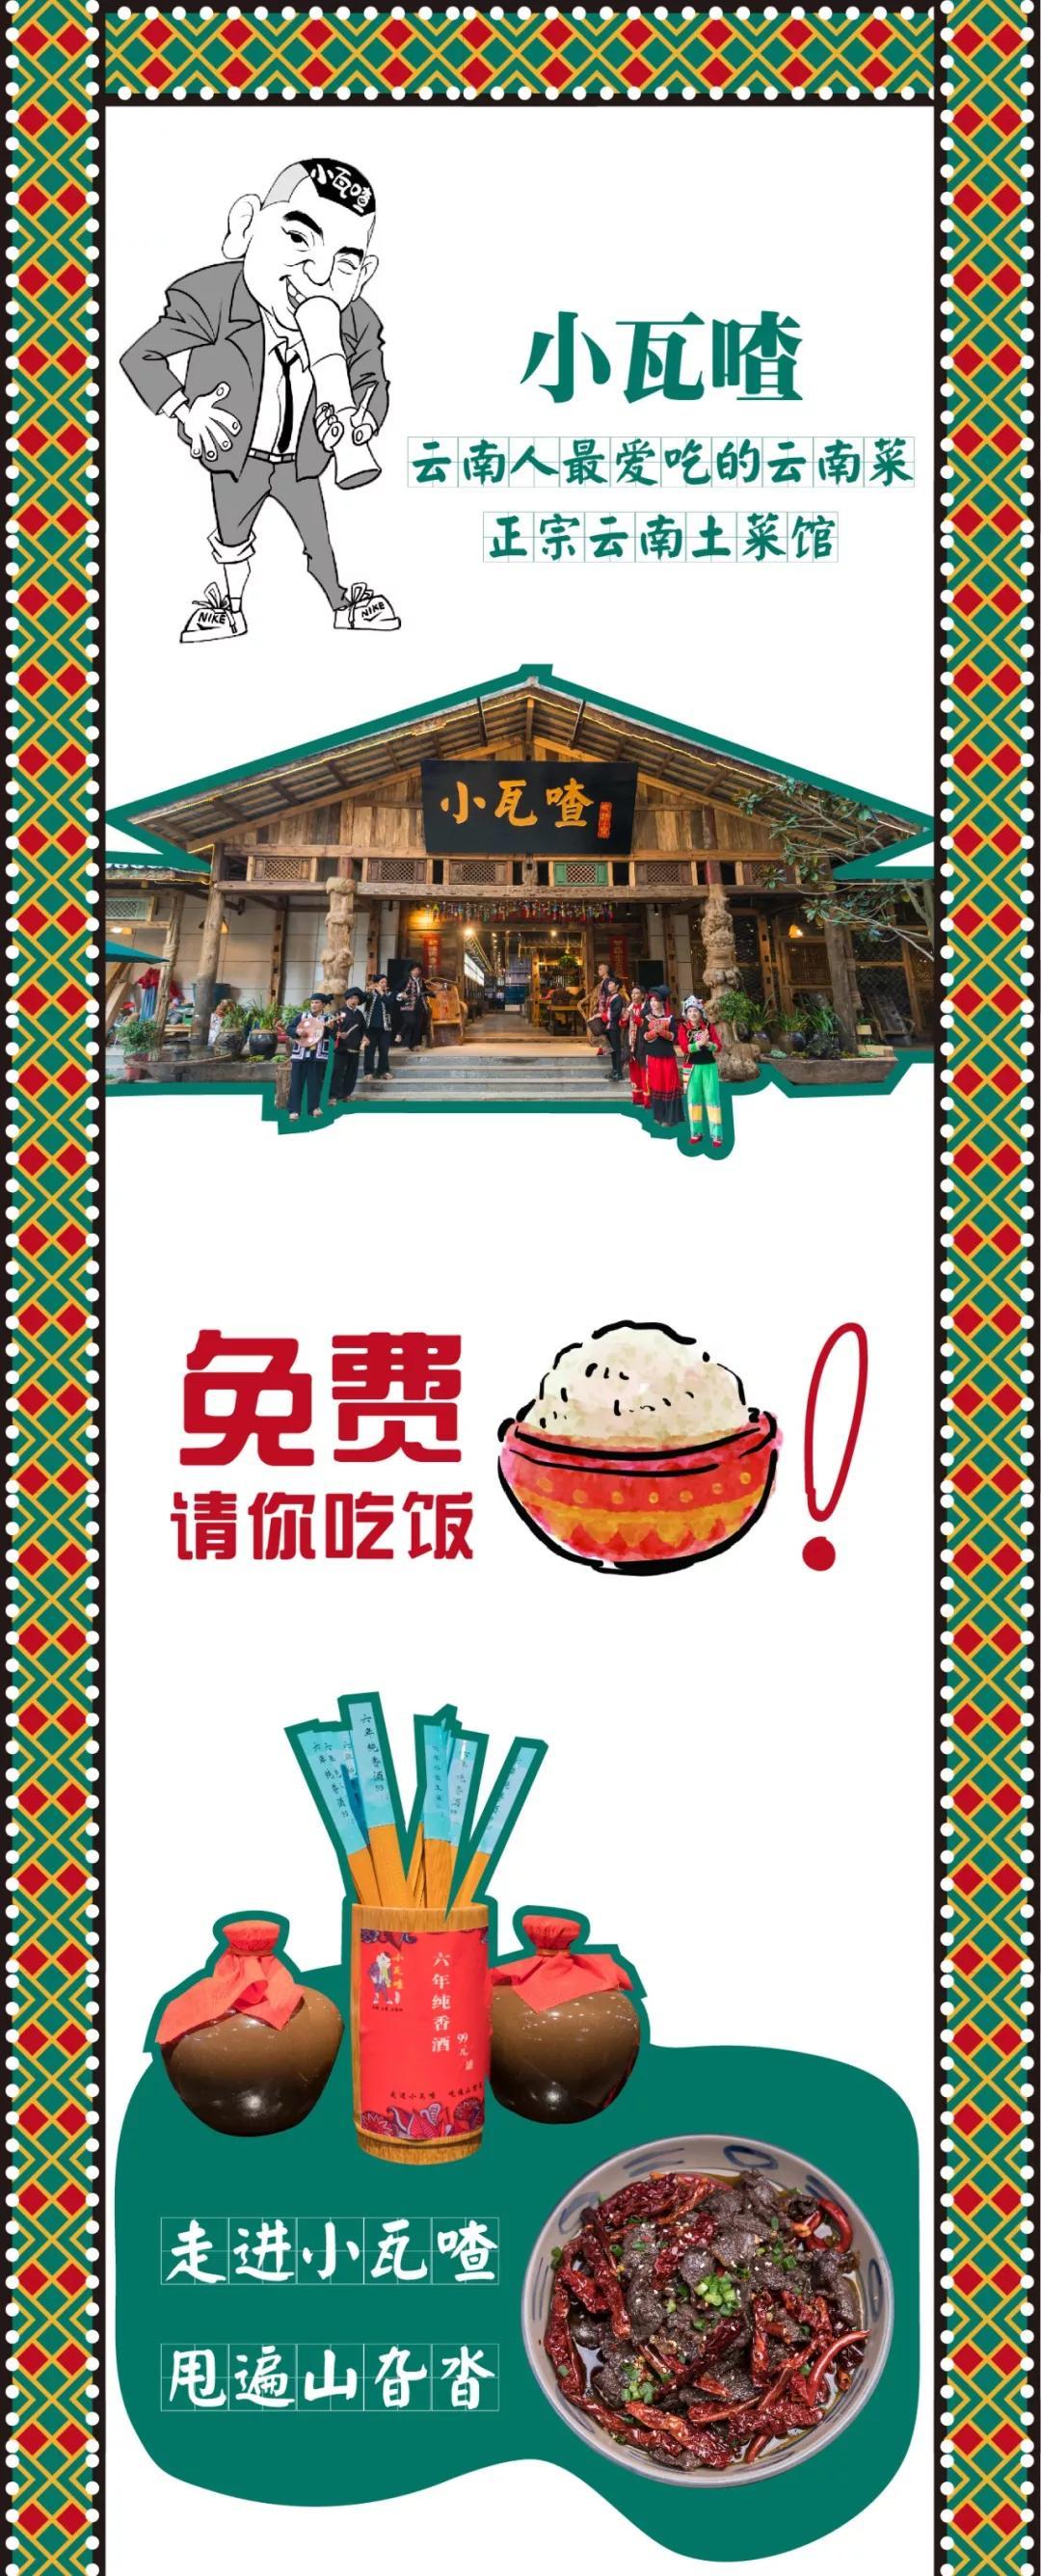 小瓦喳,有意思的云南土菜馆_江湖